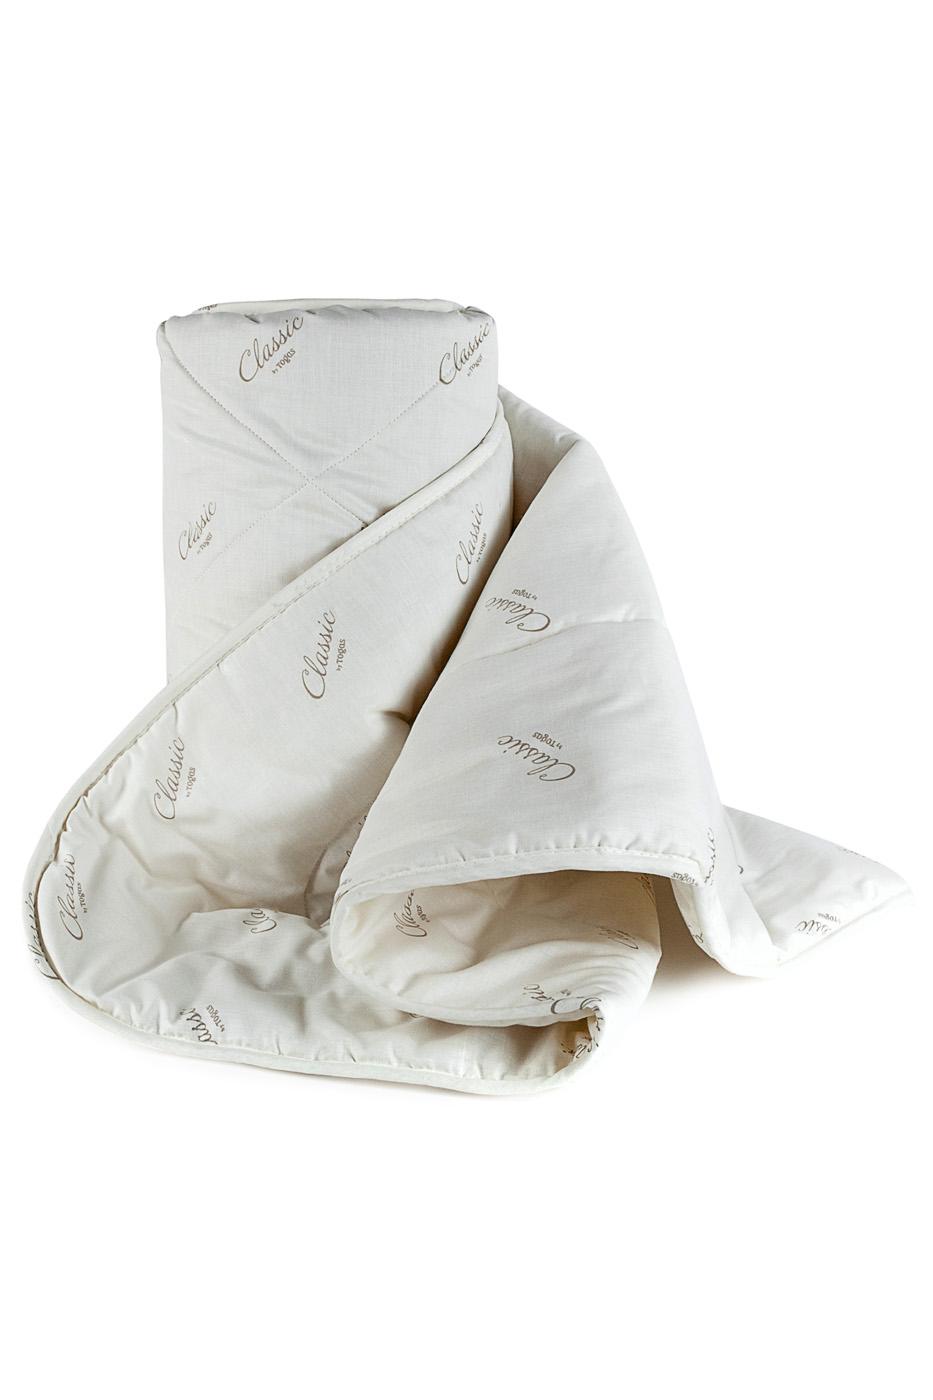 где купить Одеяла CLASSIC by T Одеяло Кашемир-Натурэль Всесезонное (200х210 см) по лучшей цене